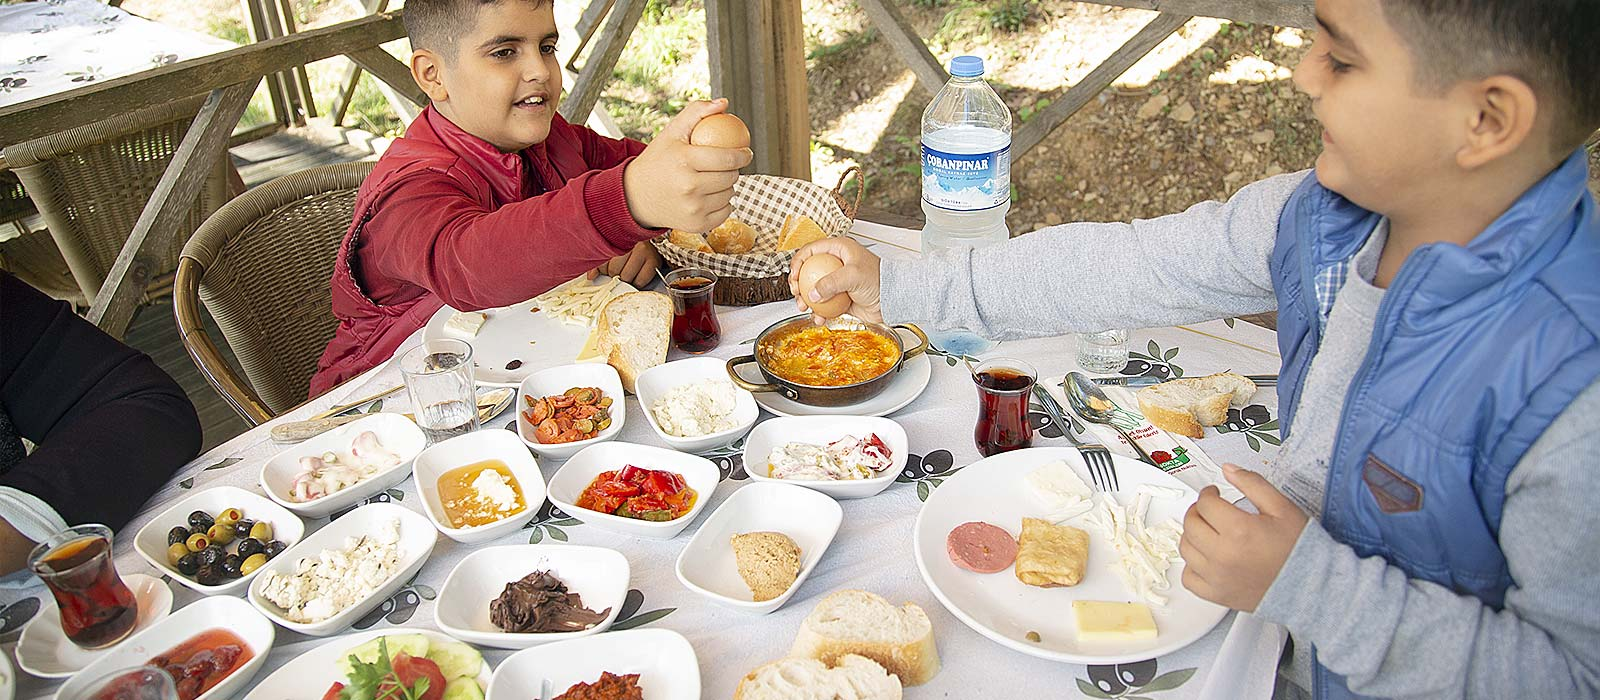 Her Sabah Eşsiz Köy Kahvaltısı